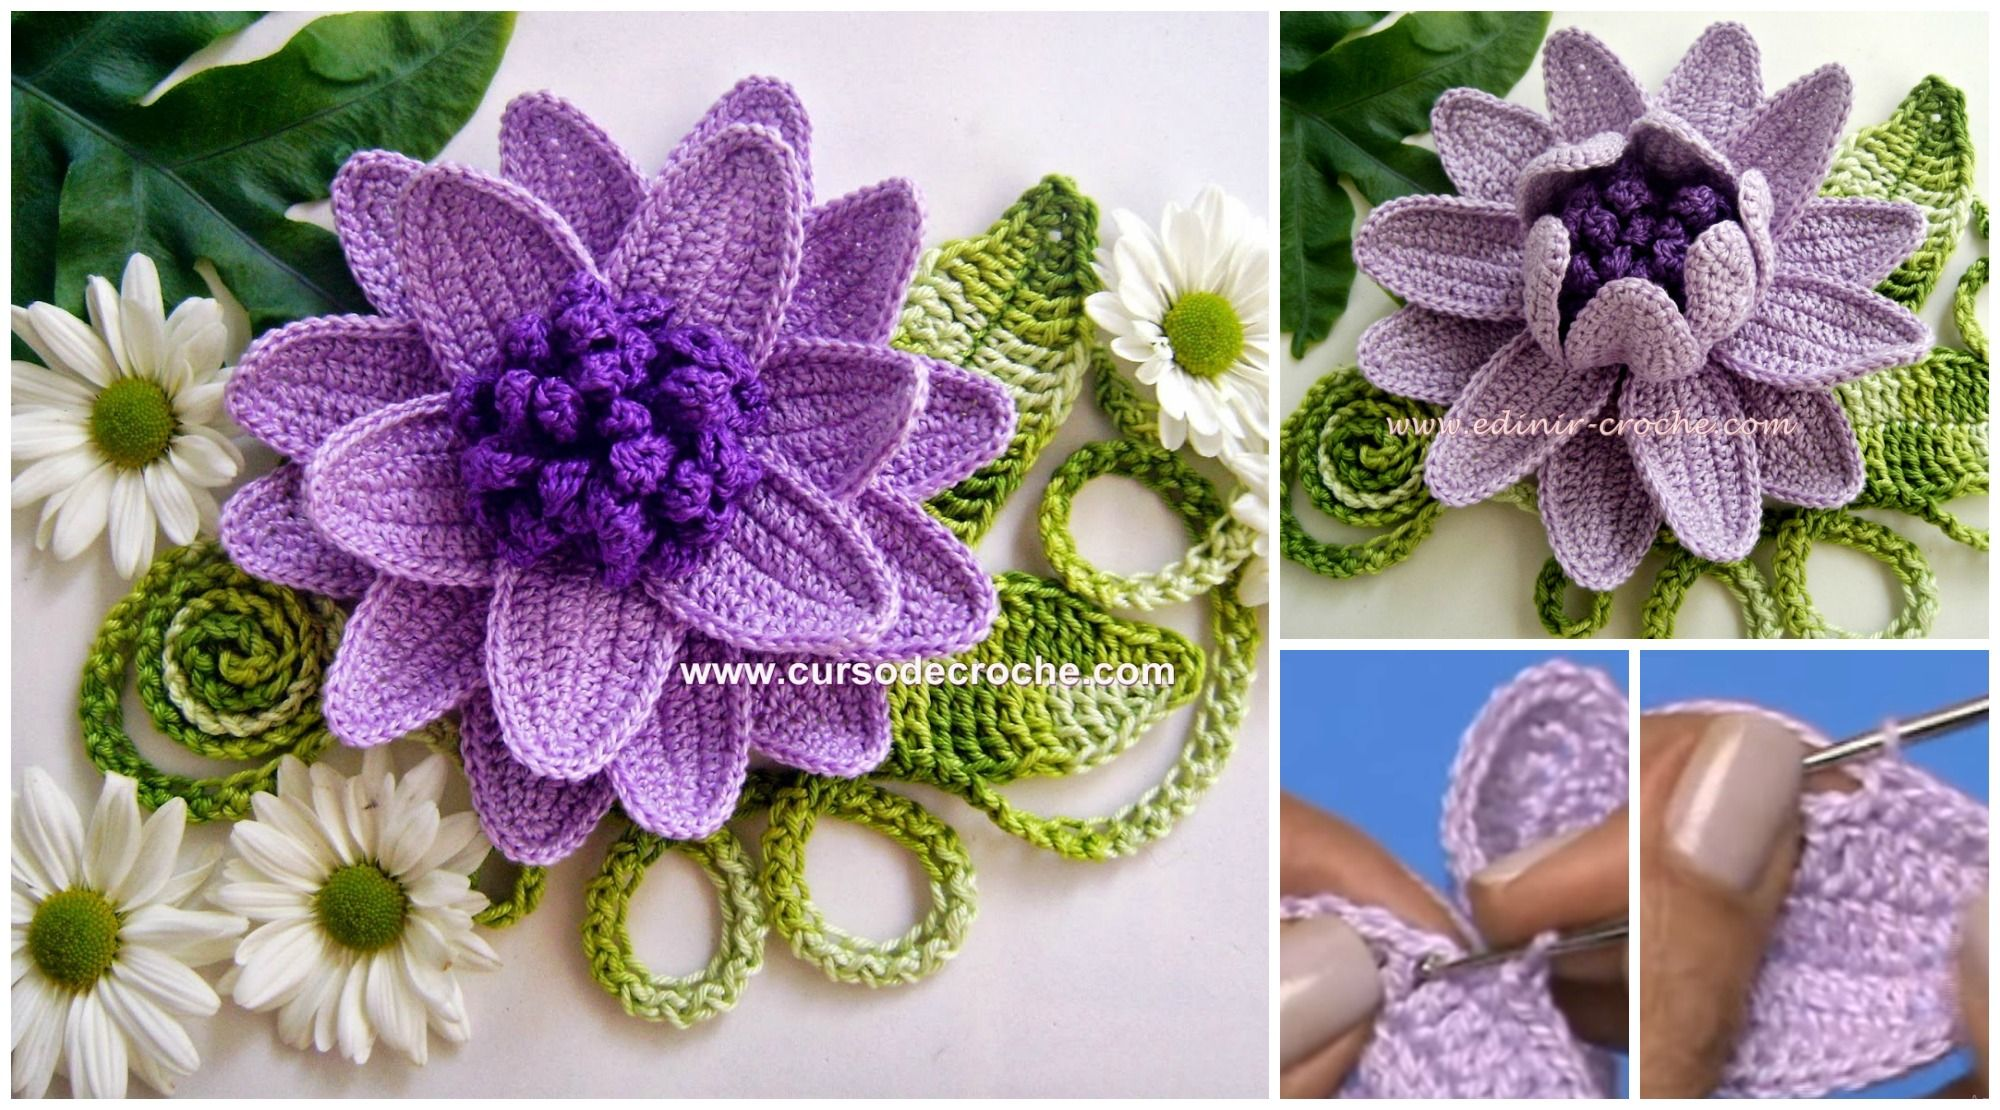 Crochet Beautiful Flower Crochet Flowers Plants Pinterest